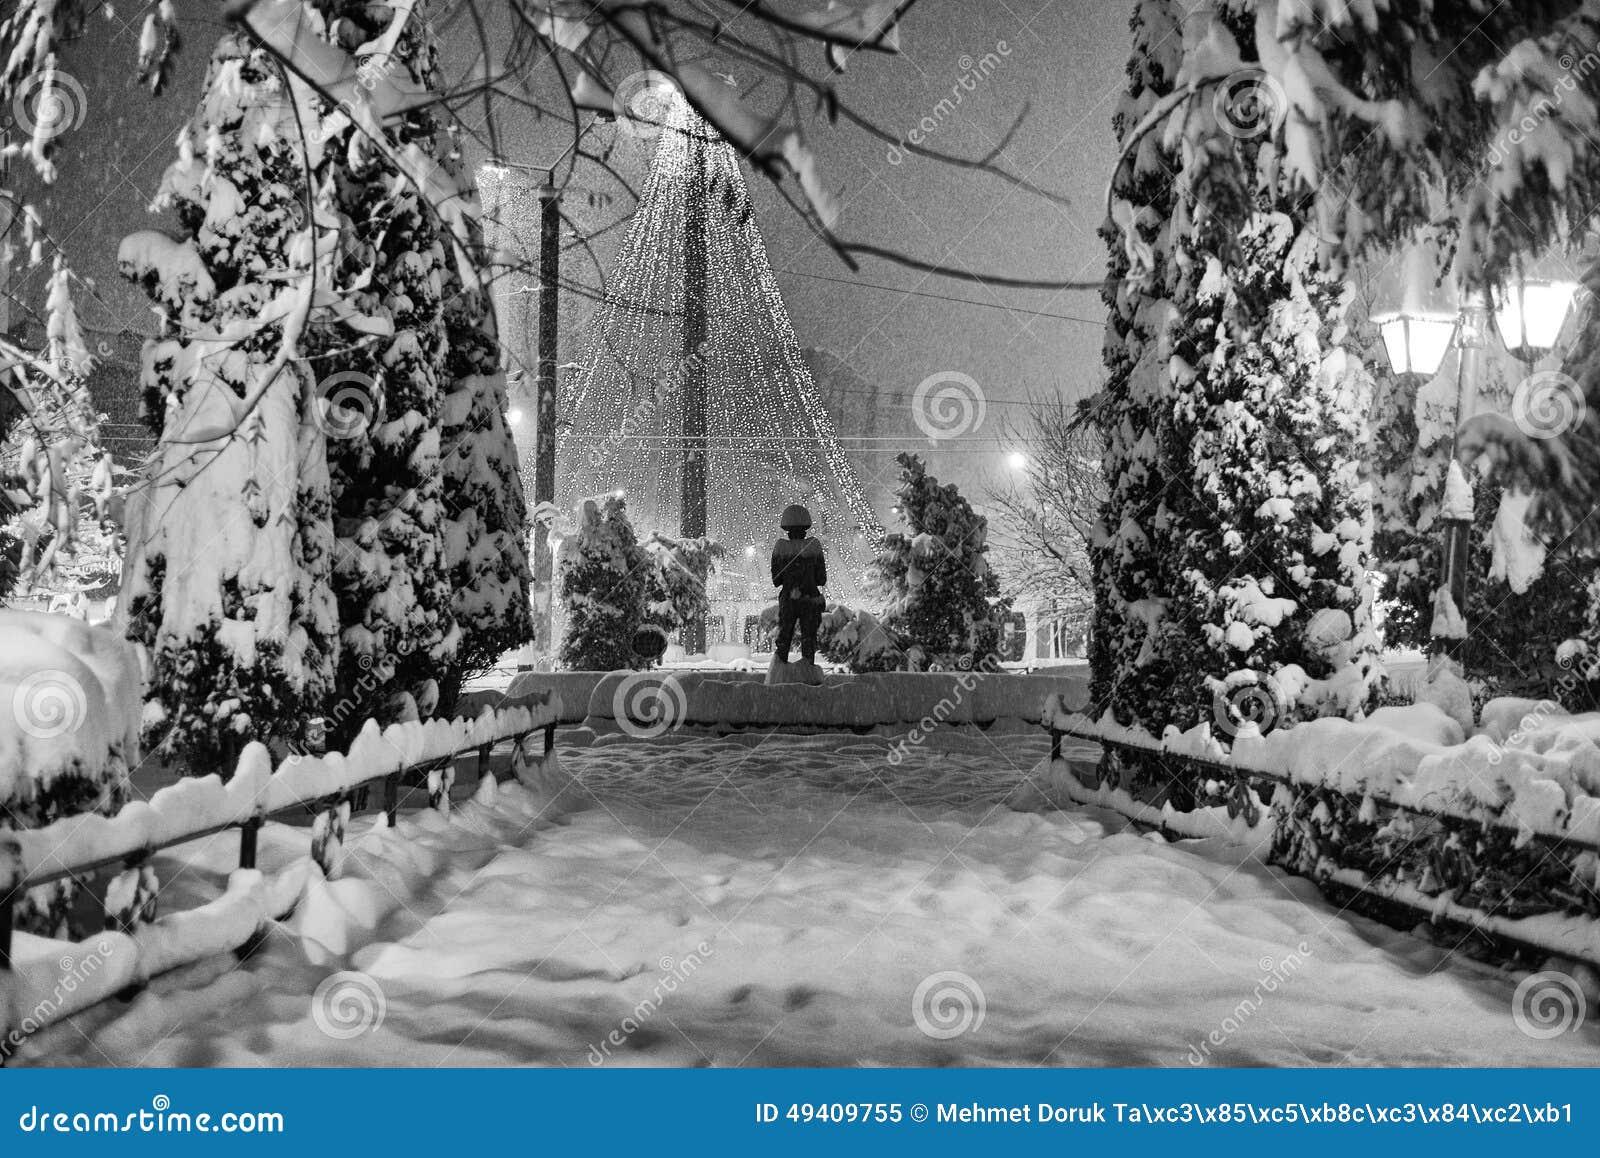 Download Nachtszene an einem Park stockbild. Bild von leben, abend - 49409755